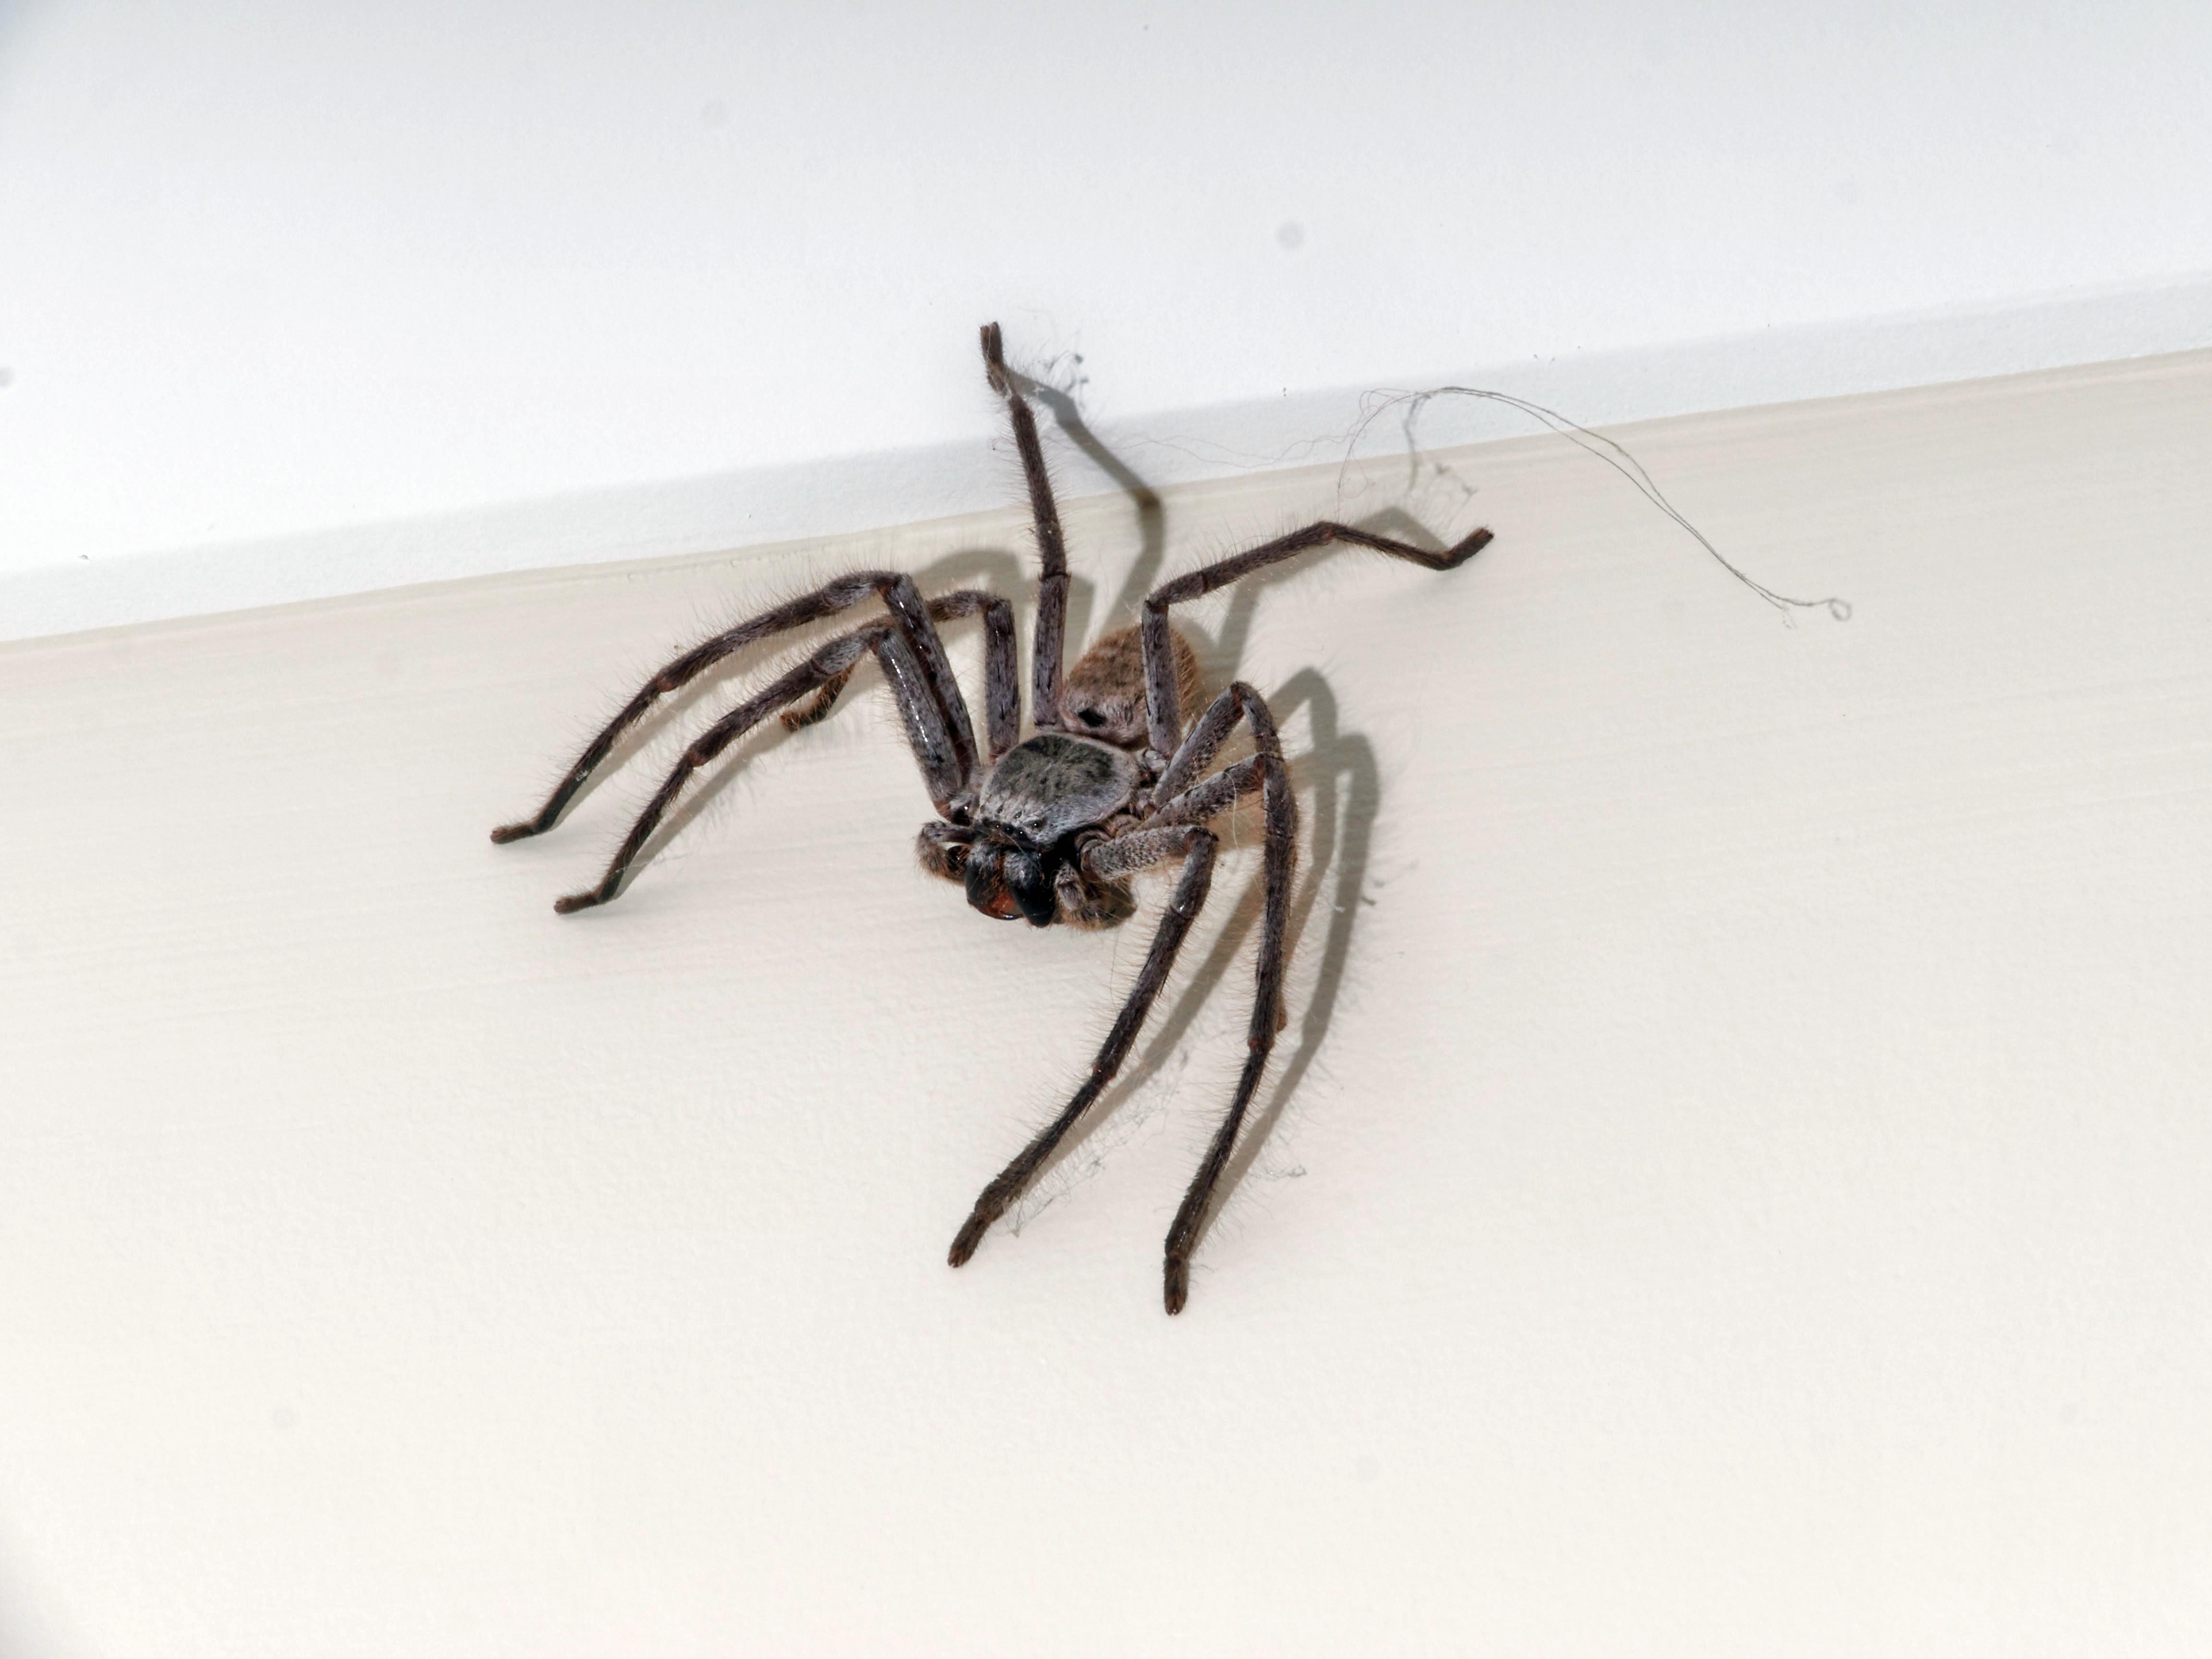 Spider-2.jpeg